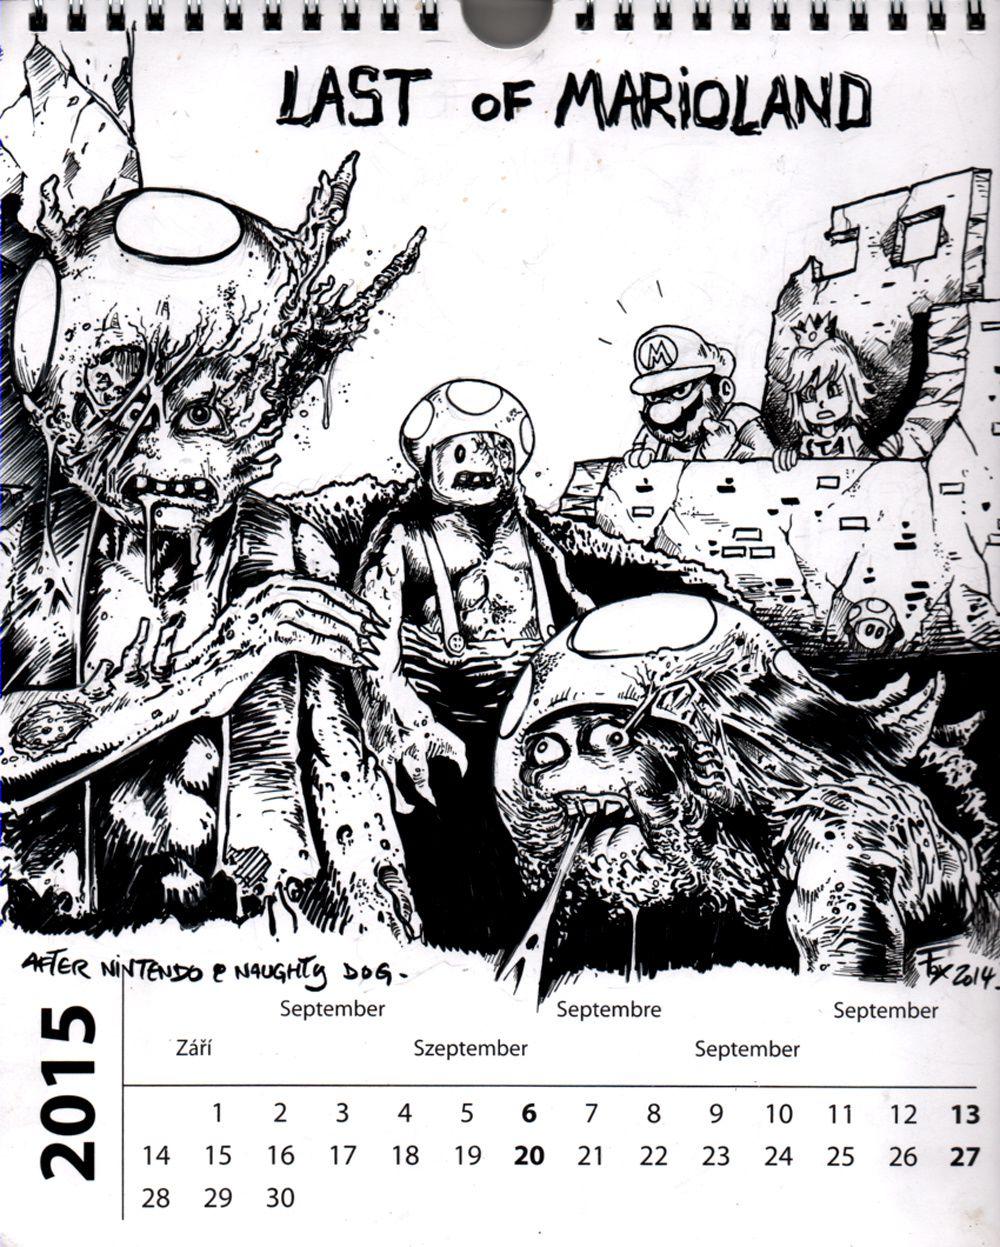 calendrier septembre (mario-last of us) encré